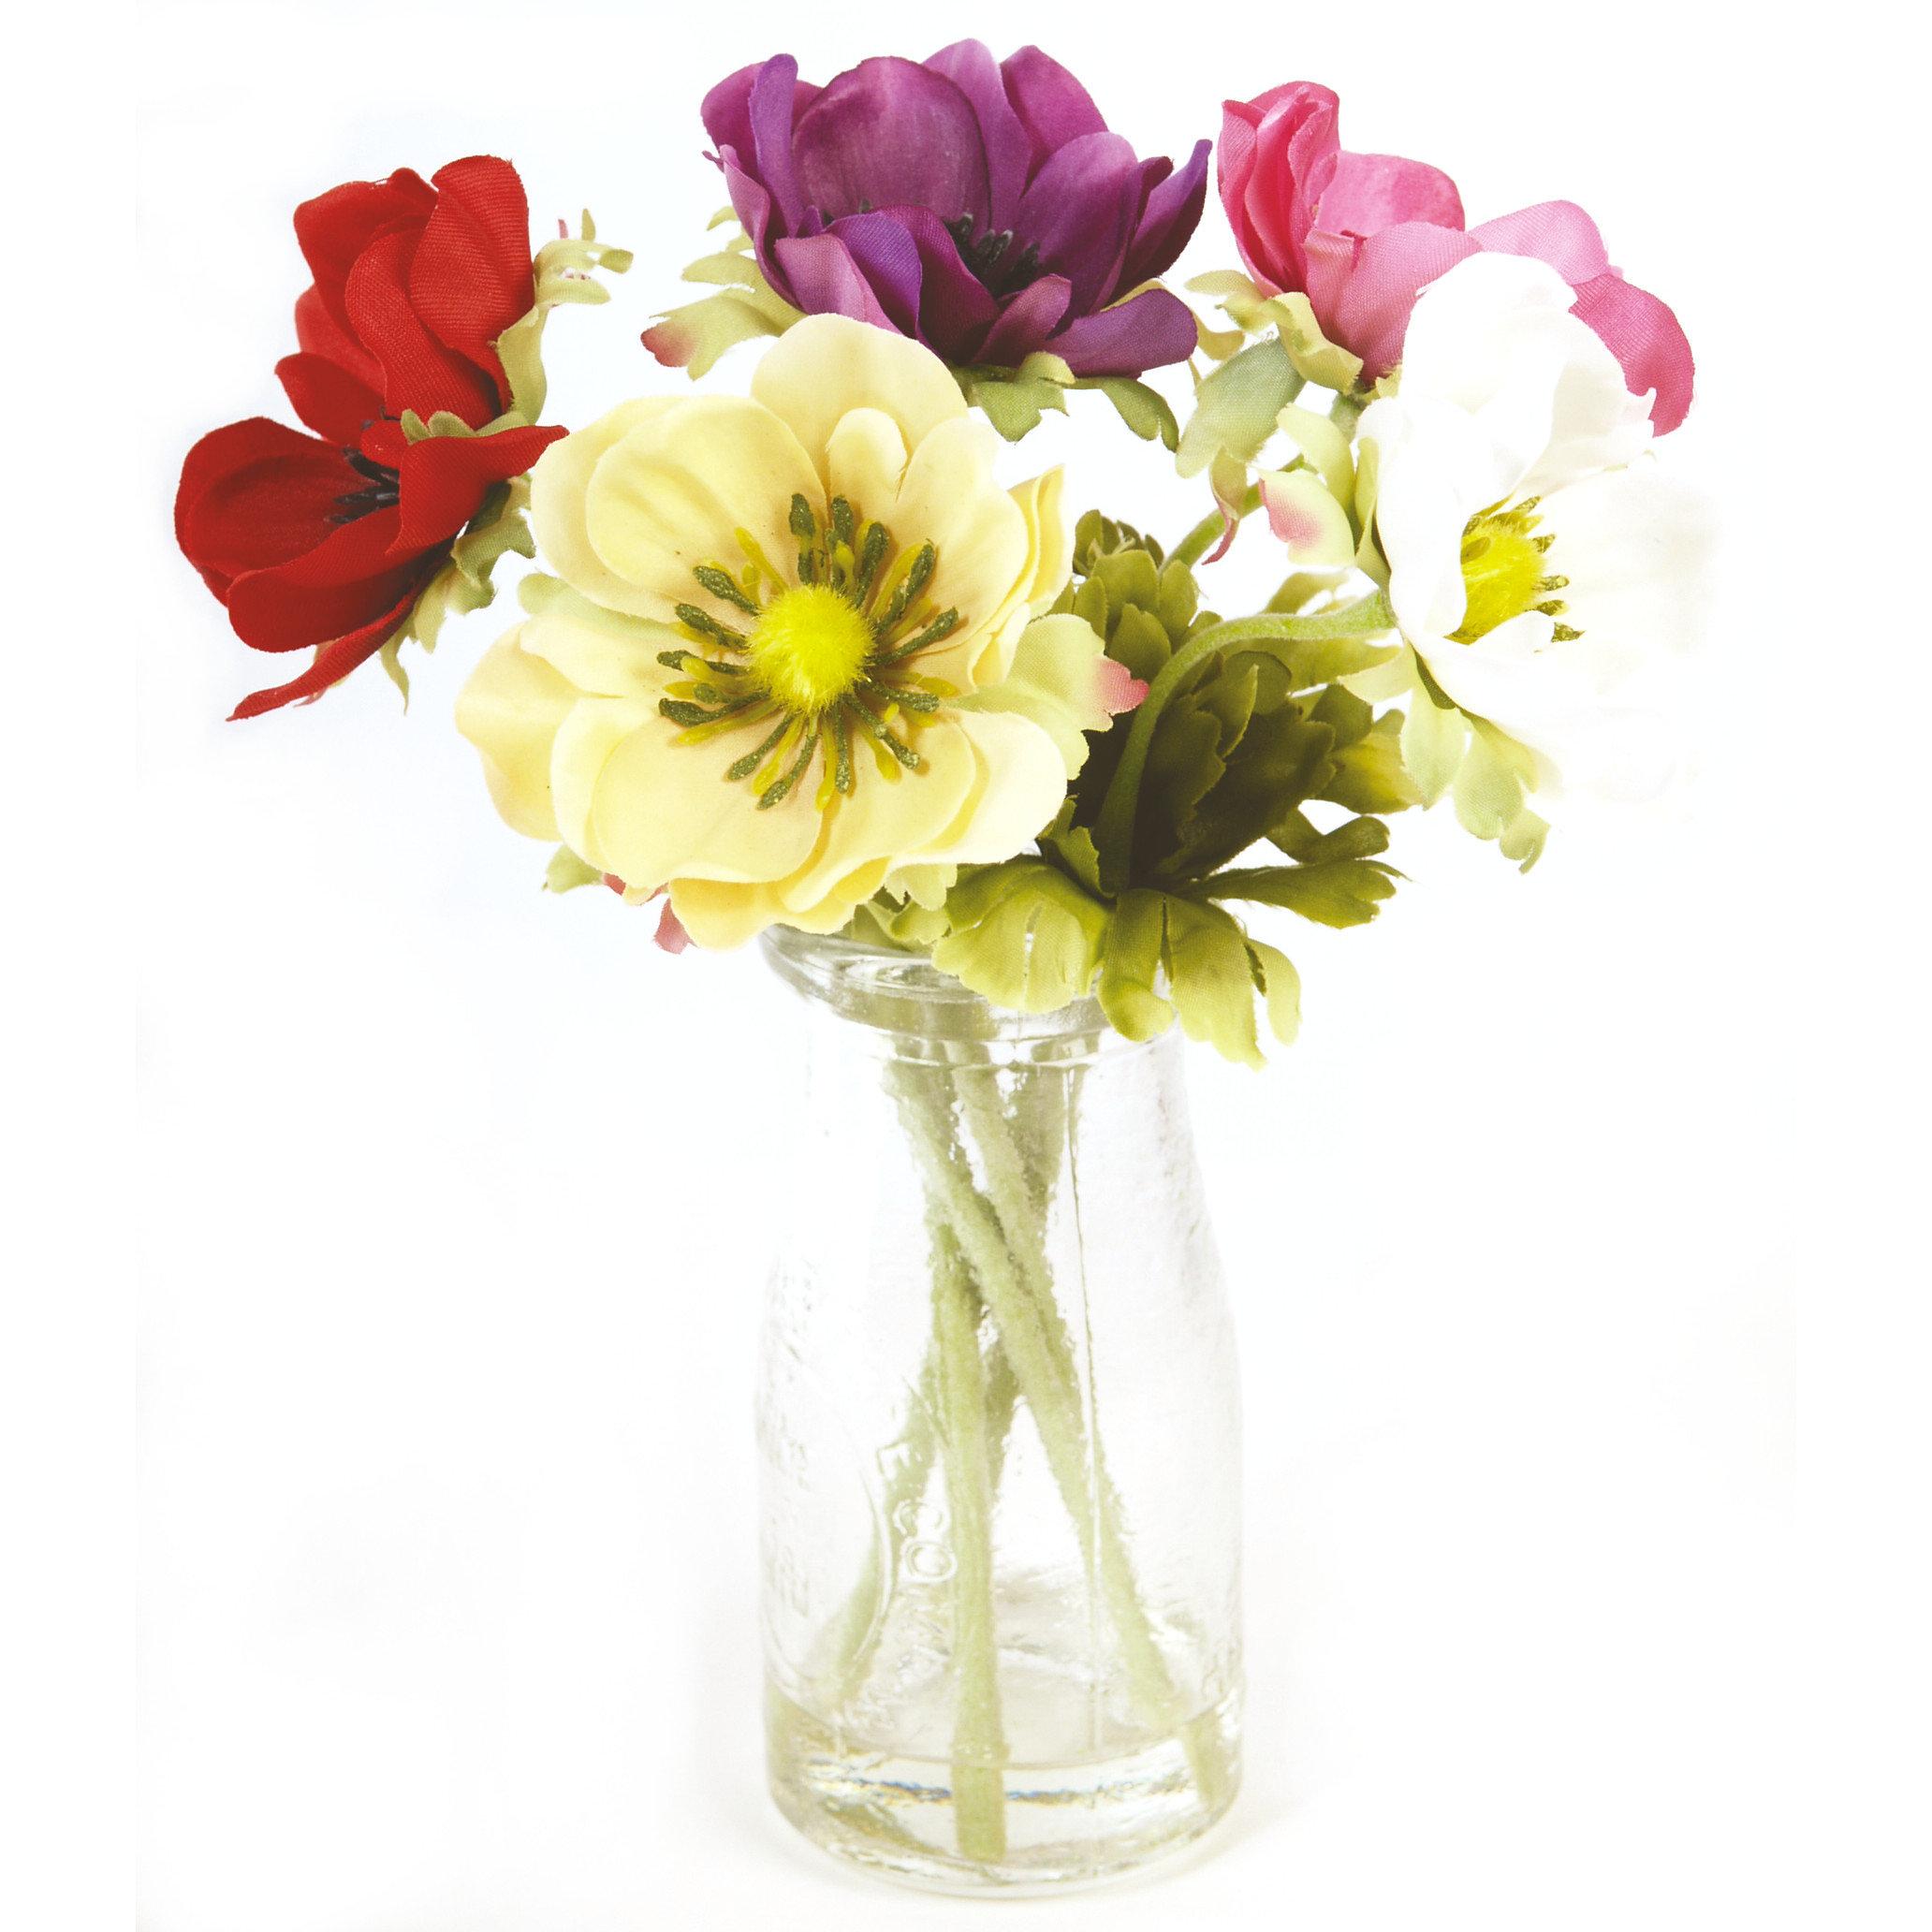 Roseum Artificial Flower Arrangements Single Stems Bouquets